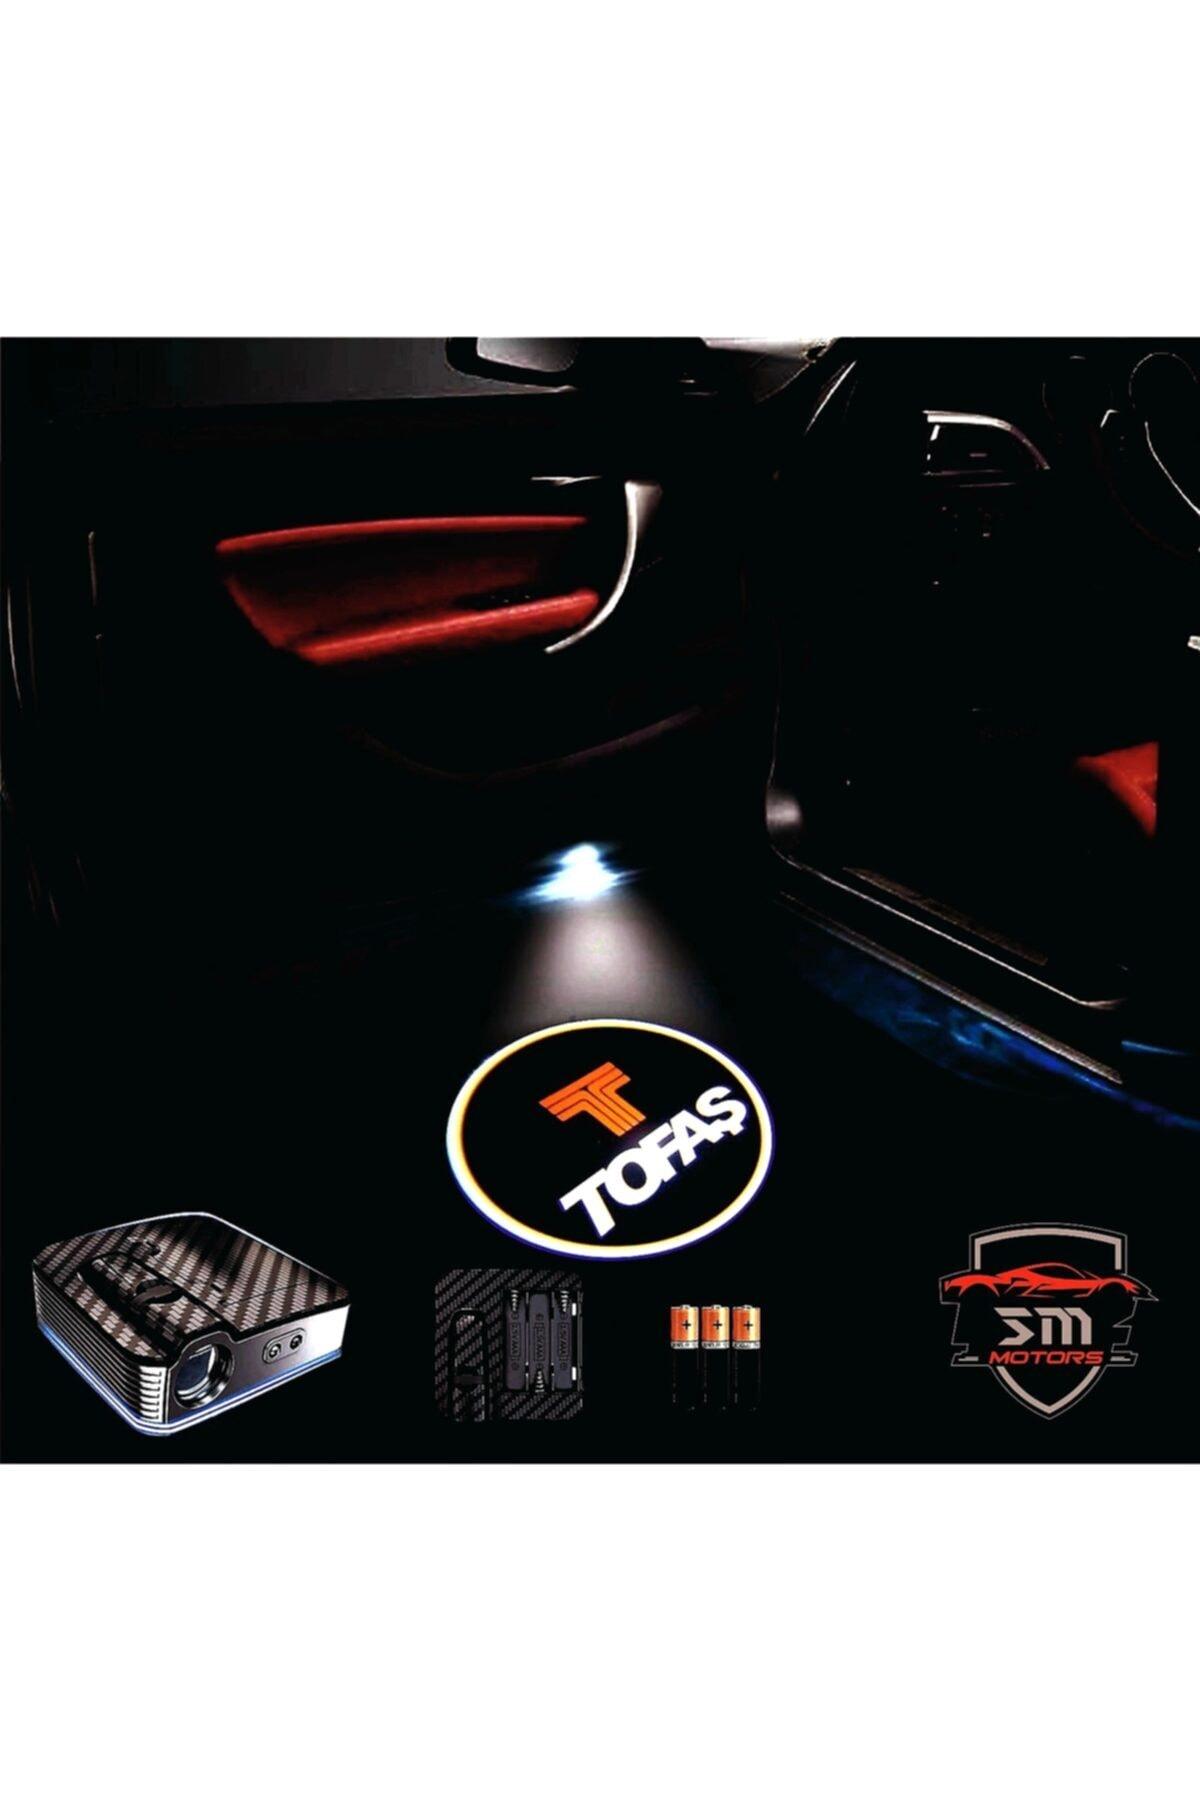 StrongMotors Tofaş Araçlar Için Pilli Yapıştırmalı Kapı Altı Led Logo 1